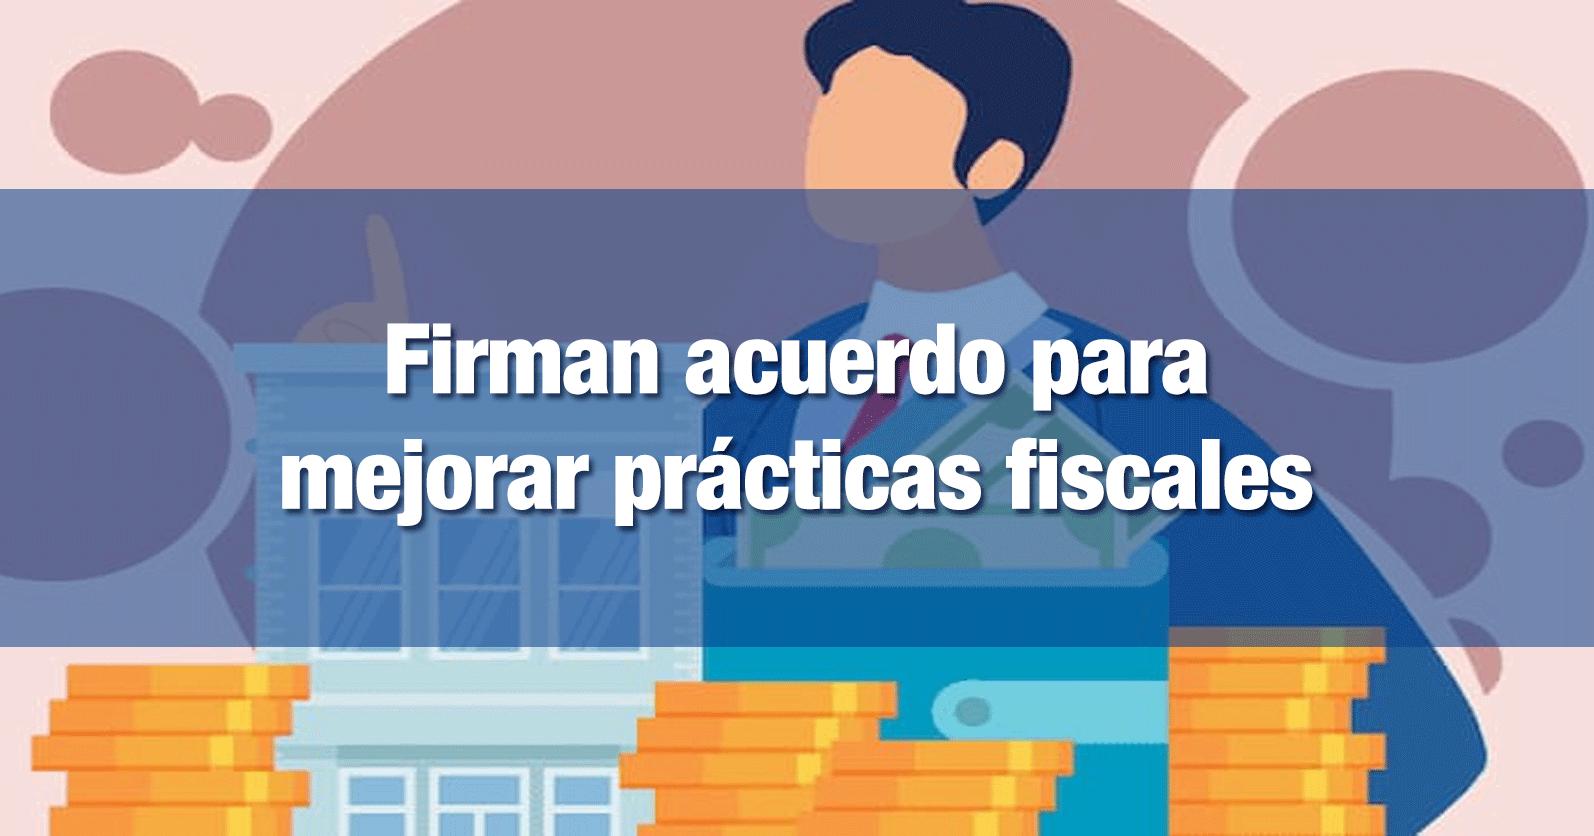 Firman acuerdo para mejorar prácticas fiscales